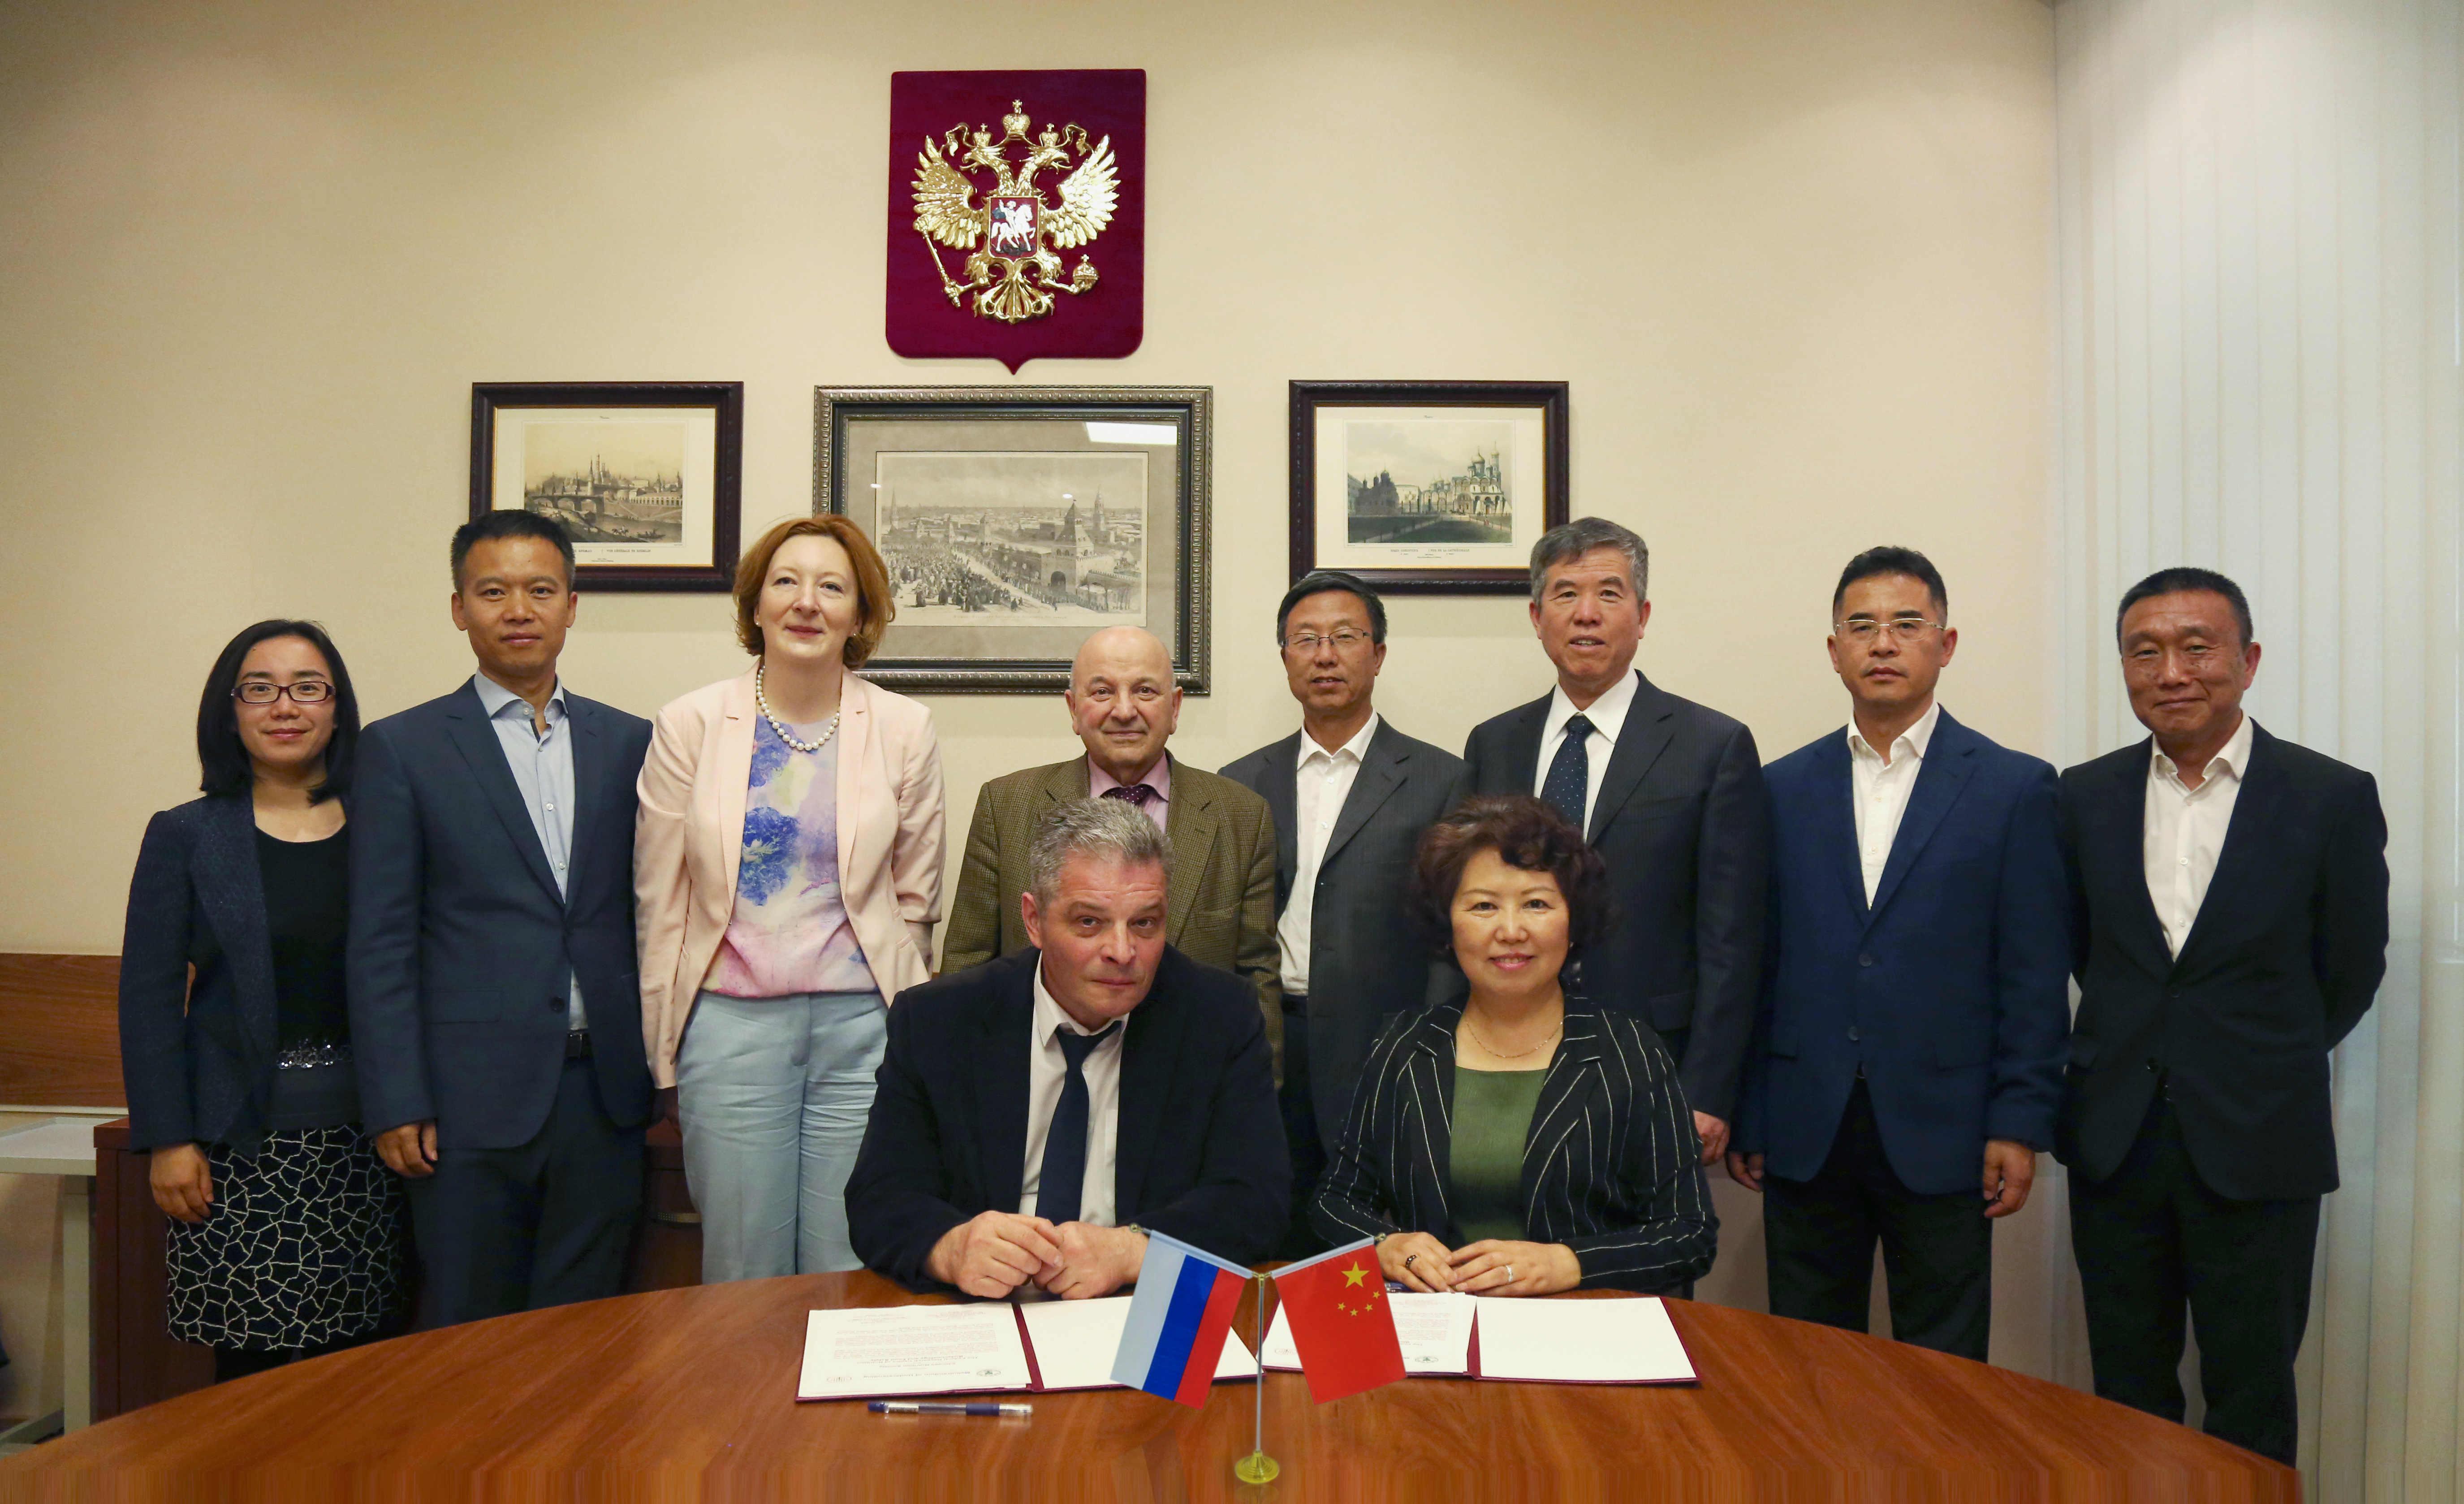 中俄国家营养学会首届乳制品峰会在俄举办,携手蒙牛达能共促中俄乳业发展